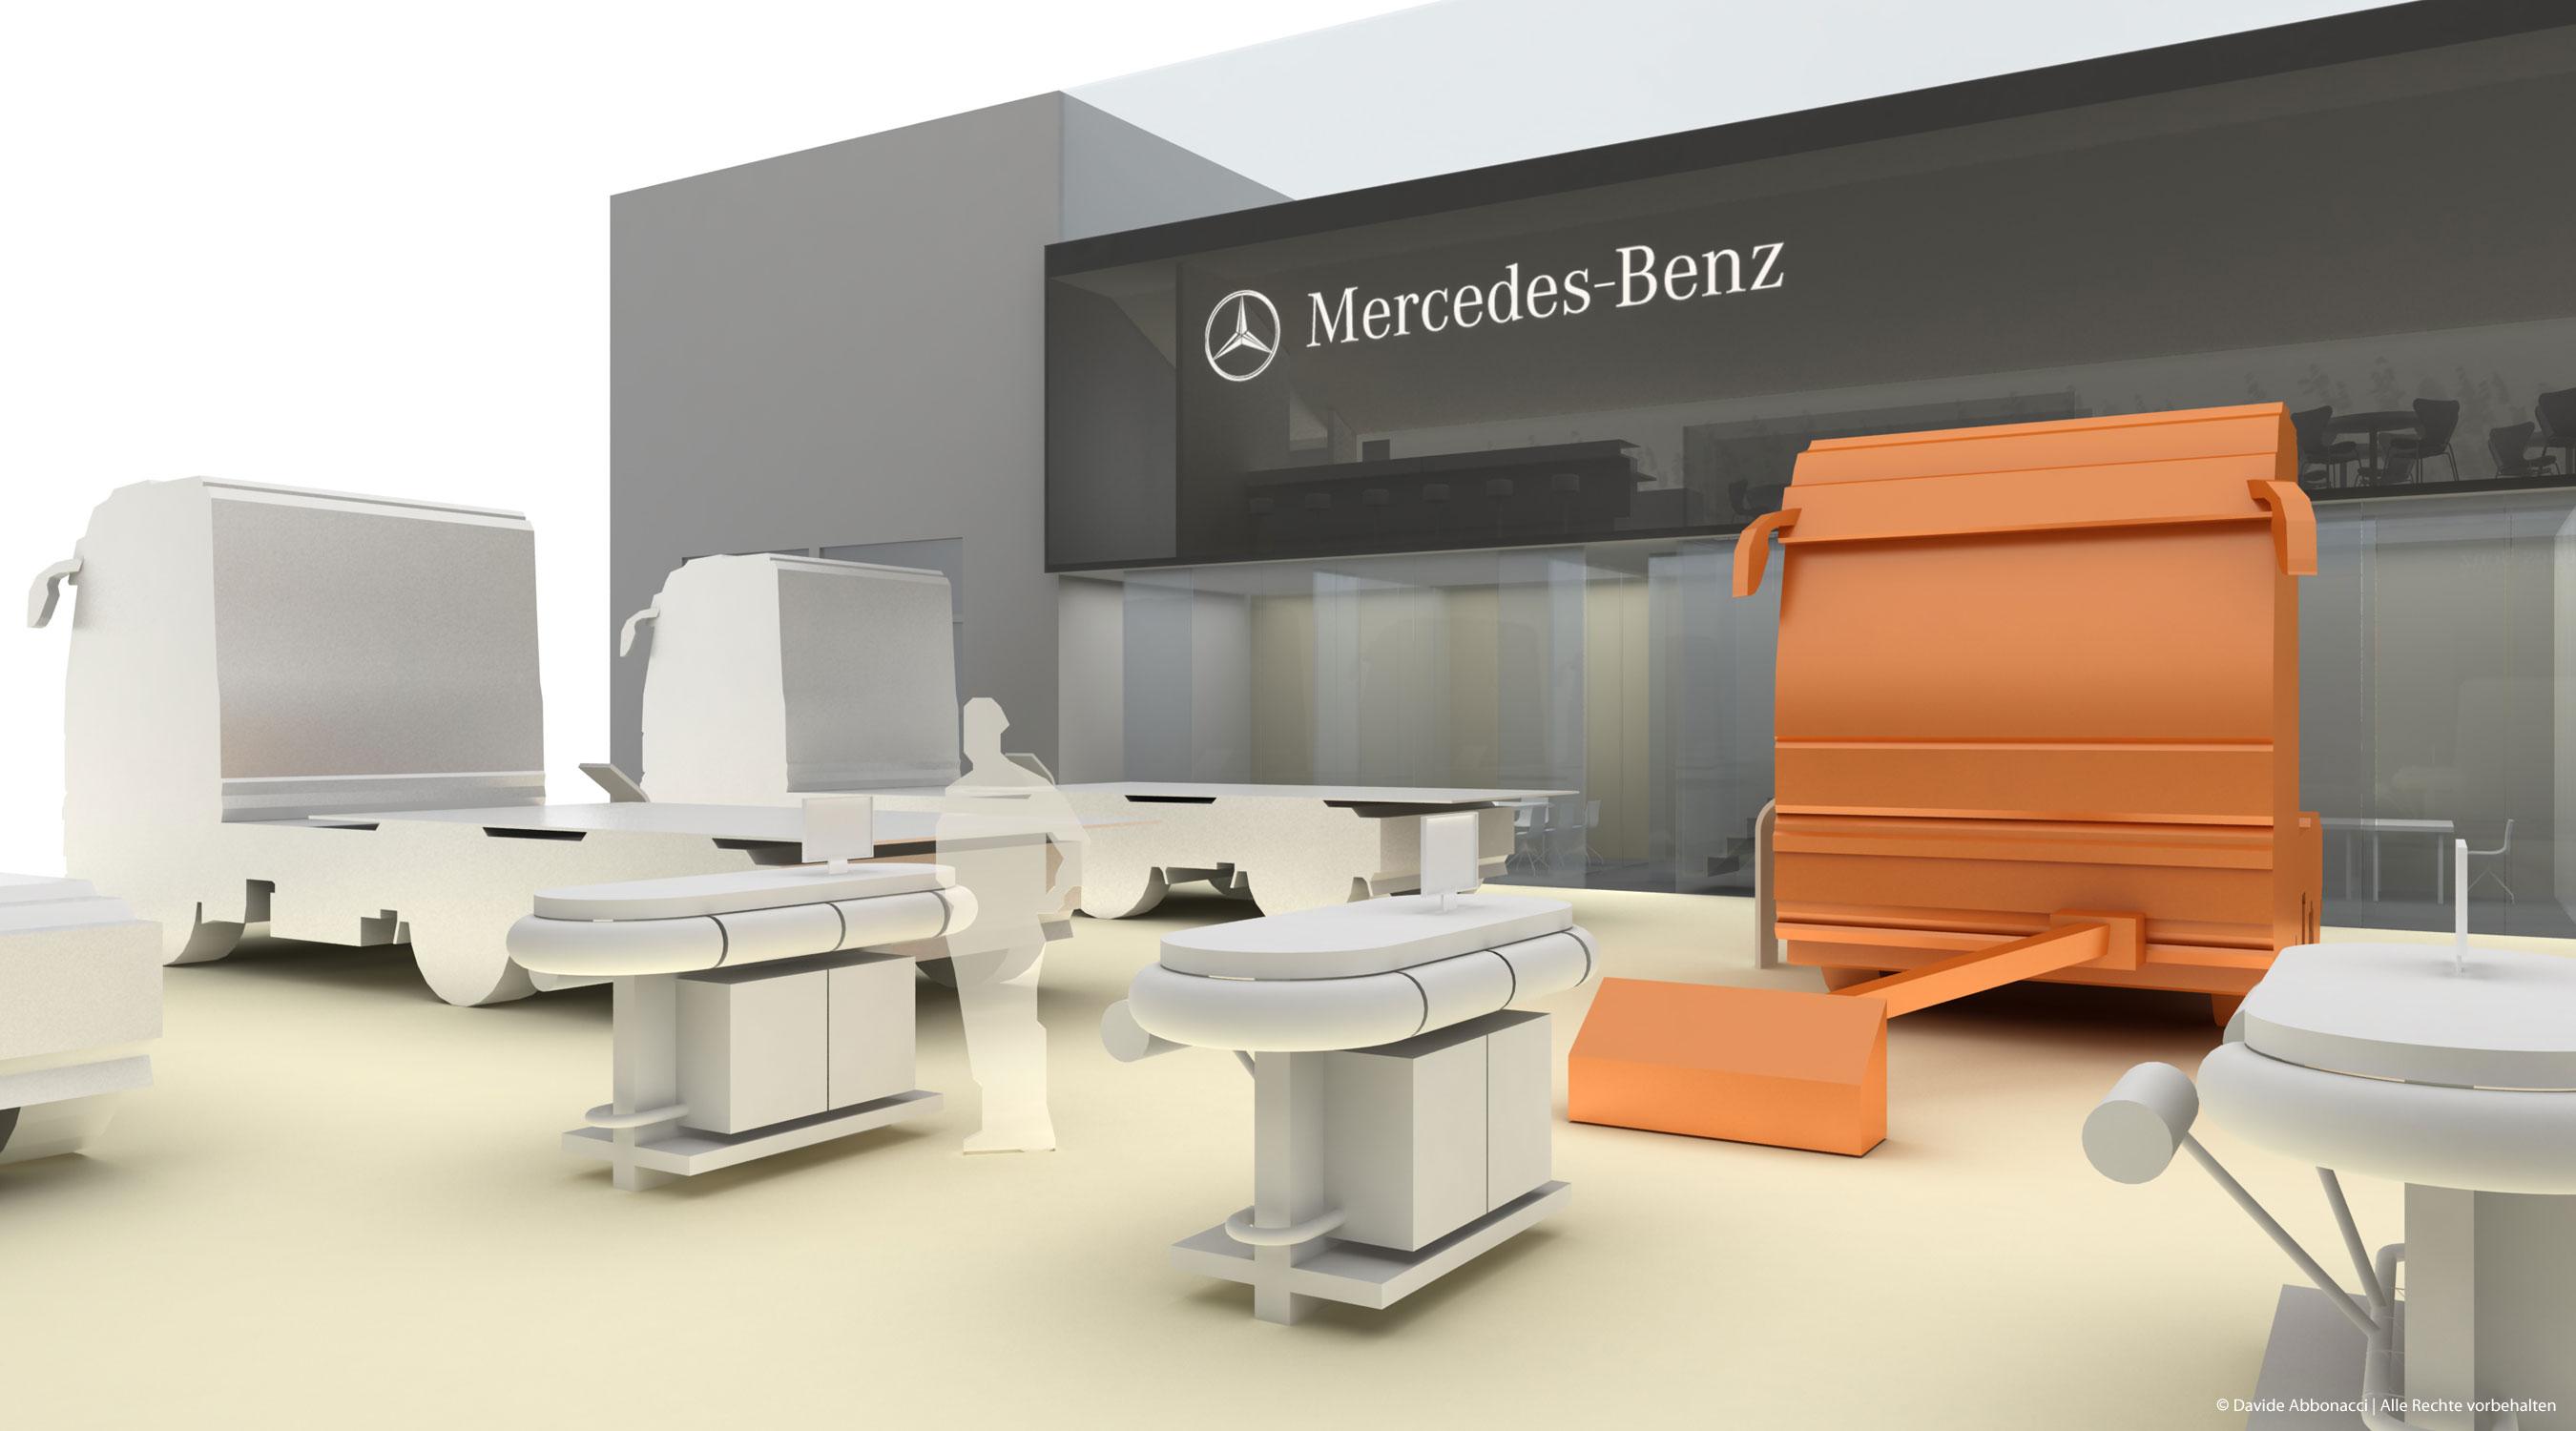 Messestand Mercedes-Benz - Nutzfahrzeuge   Heide & Von Beckerath Architekten   2010 Testentwurf